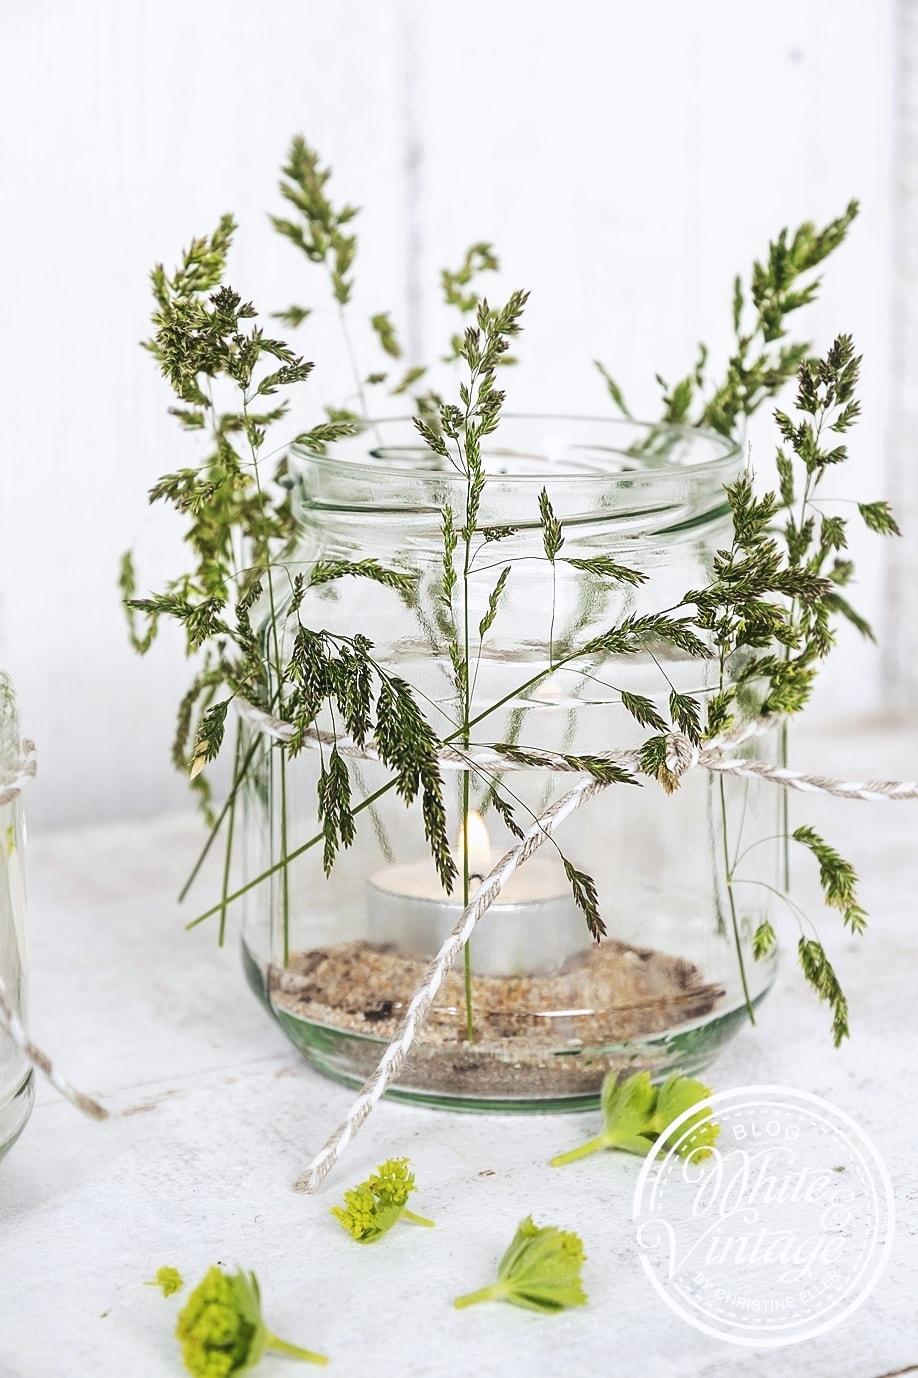 DIY Geschenk: Windlichter mit Gräsern verzieren